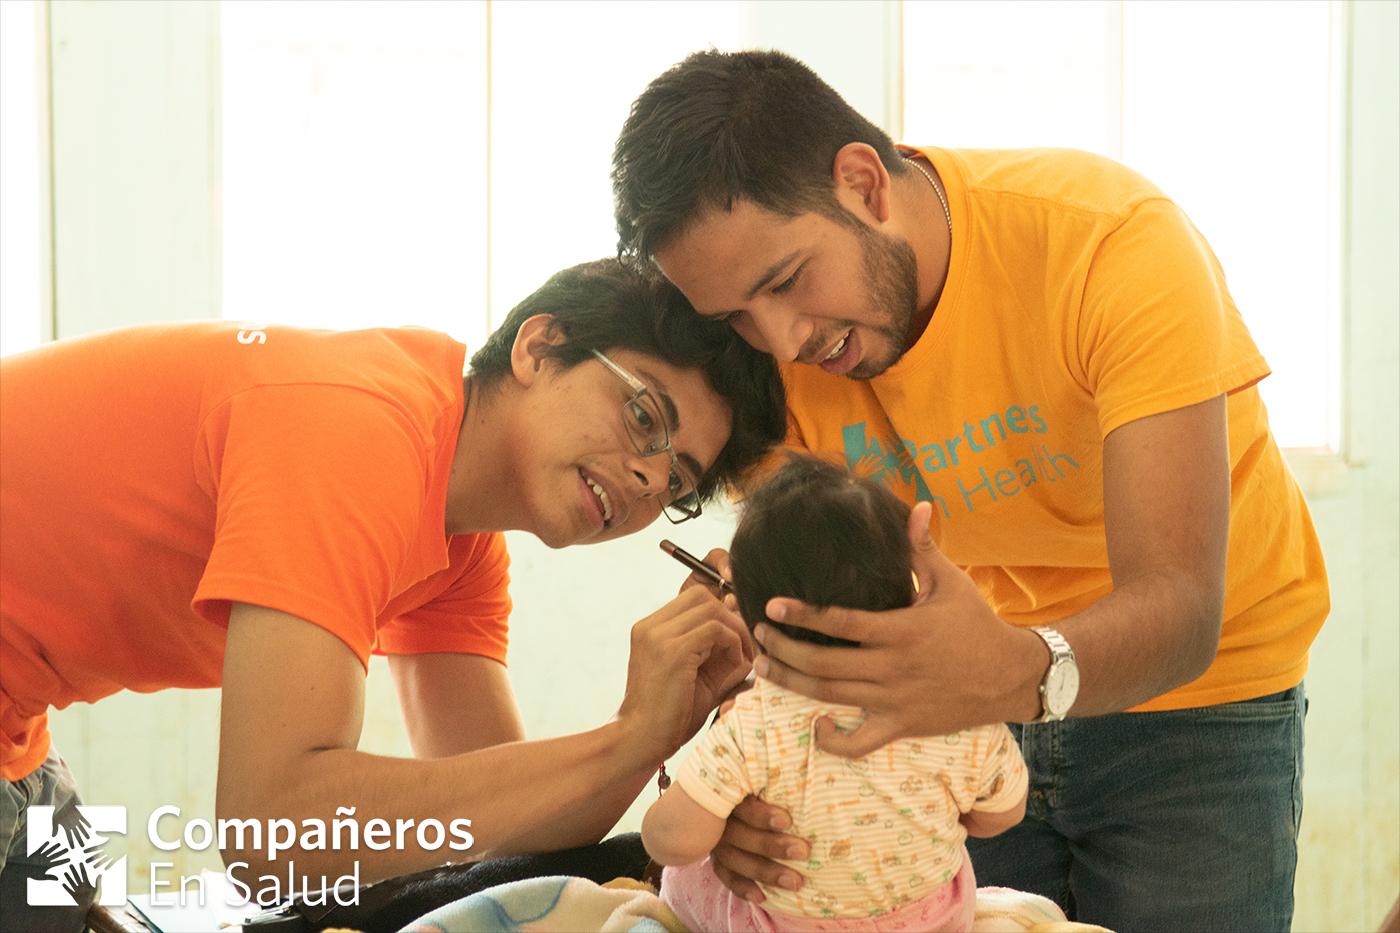 El Dr. Argel Martínez (derecha) acompaña al Dr. José Luis Graciliano García (pasante de medicina a quien supervisa) durante una consulta médica con una bebé en la comunidad rural de Villa Morelos, Chiapas.